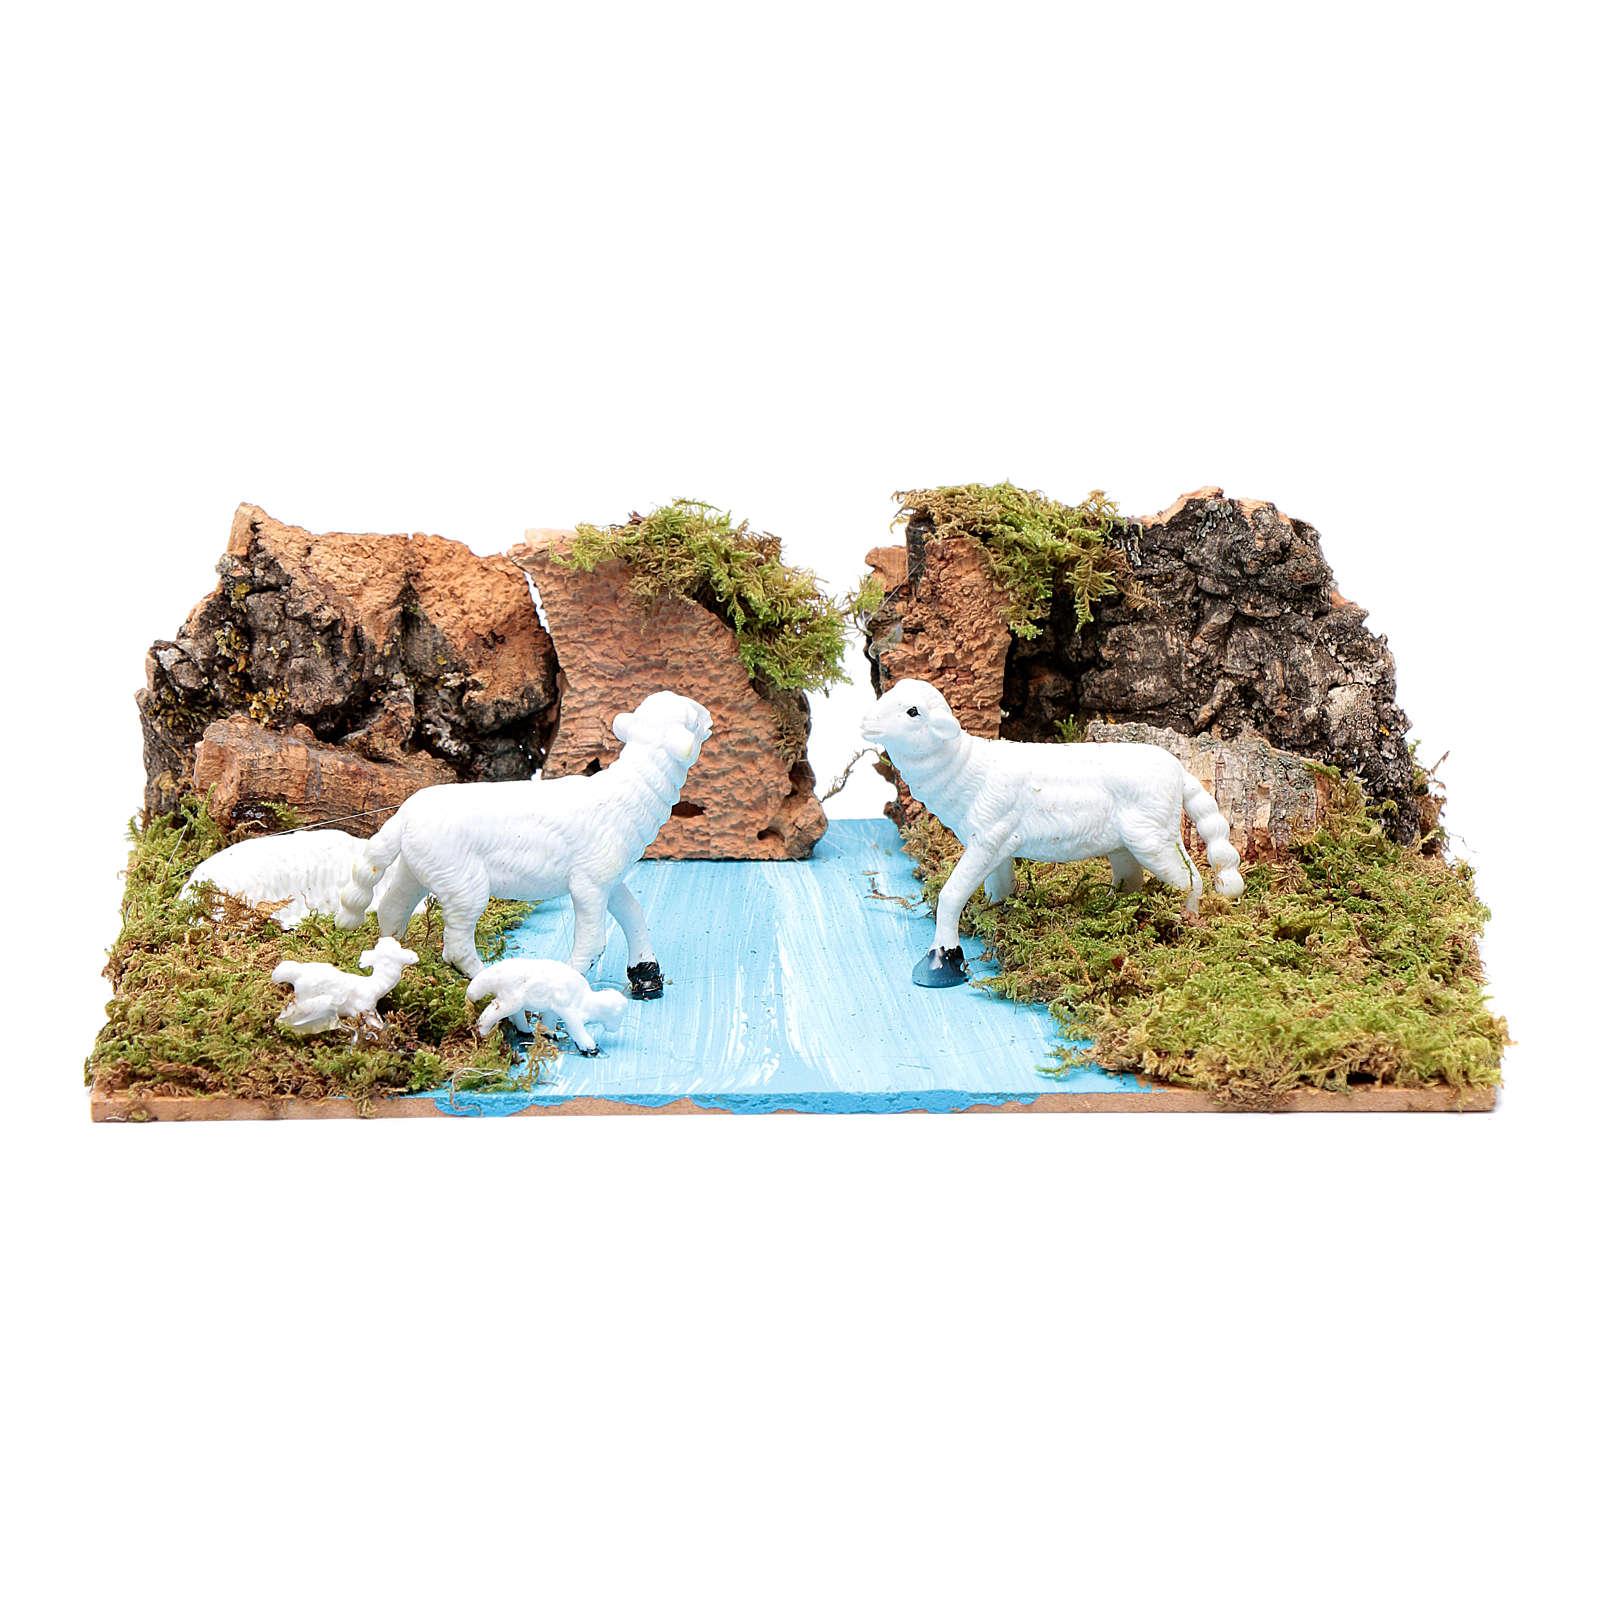 Ambientazione per presepe con pecore 5x20x15 cm 4